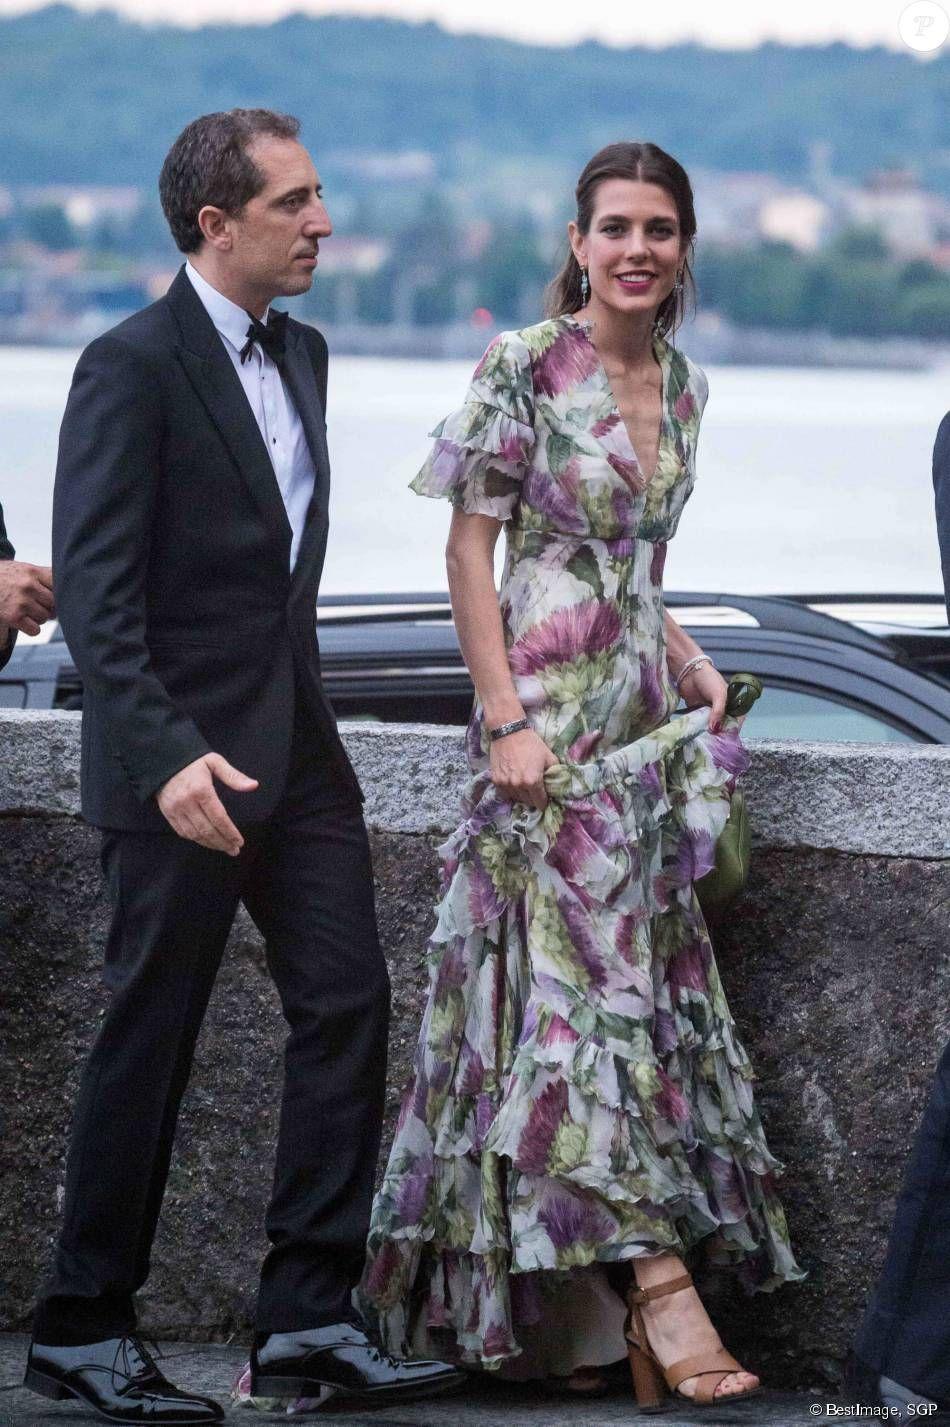 Charlotte Casiraghi et son compagnon Gad Elmaleh , Arrivées pour la soirée  de mariage de Pierre Casiraghi et Beatrice Borromeo au château Rocca Angera